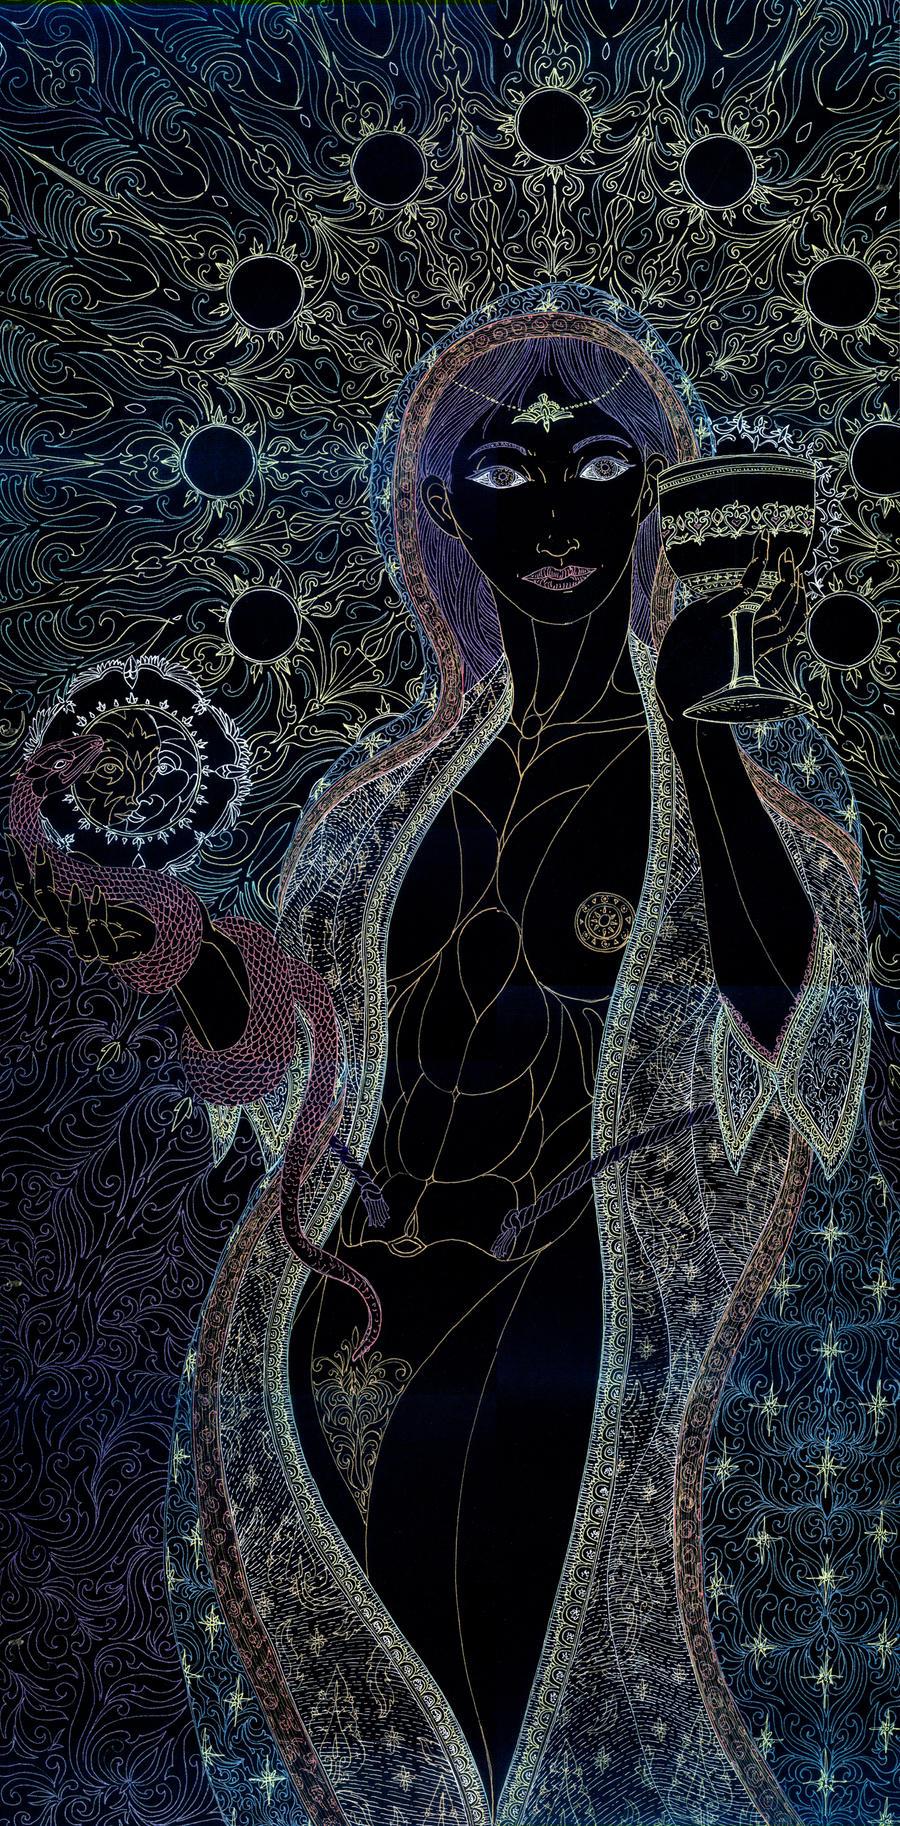 Lady Coatlaxpeuh by Lakandiwa